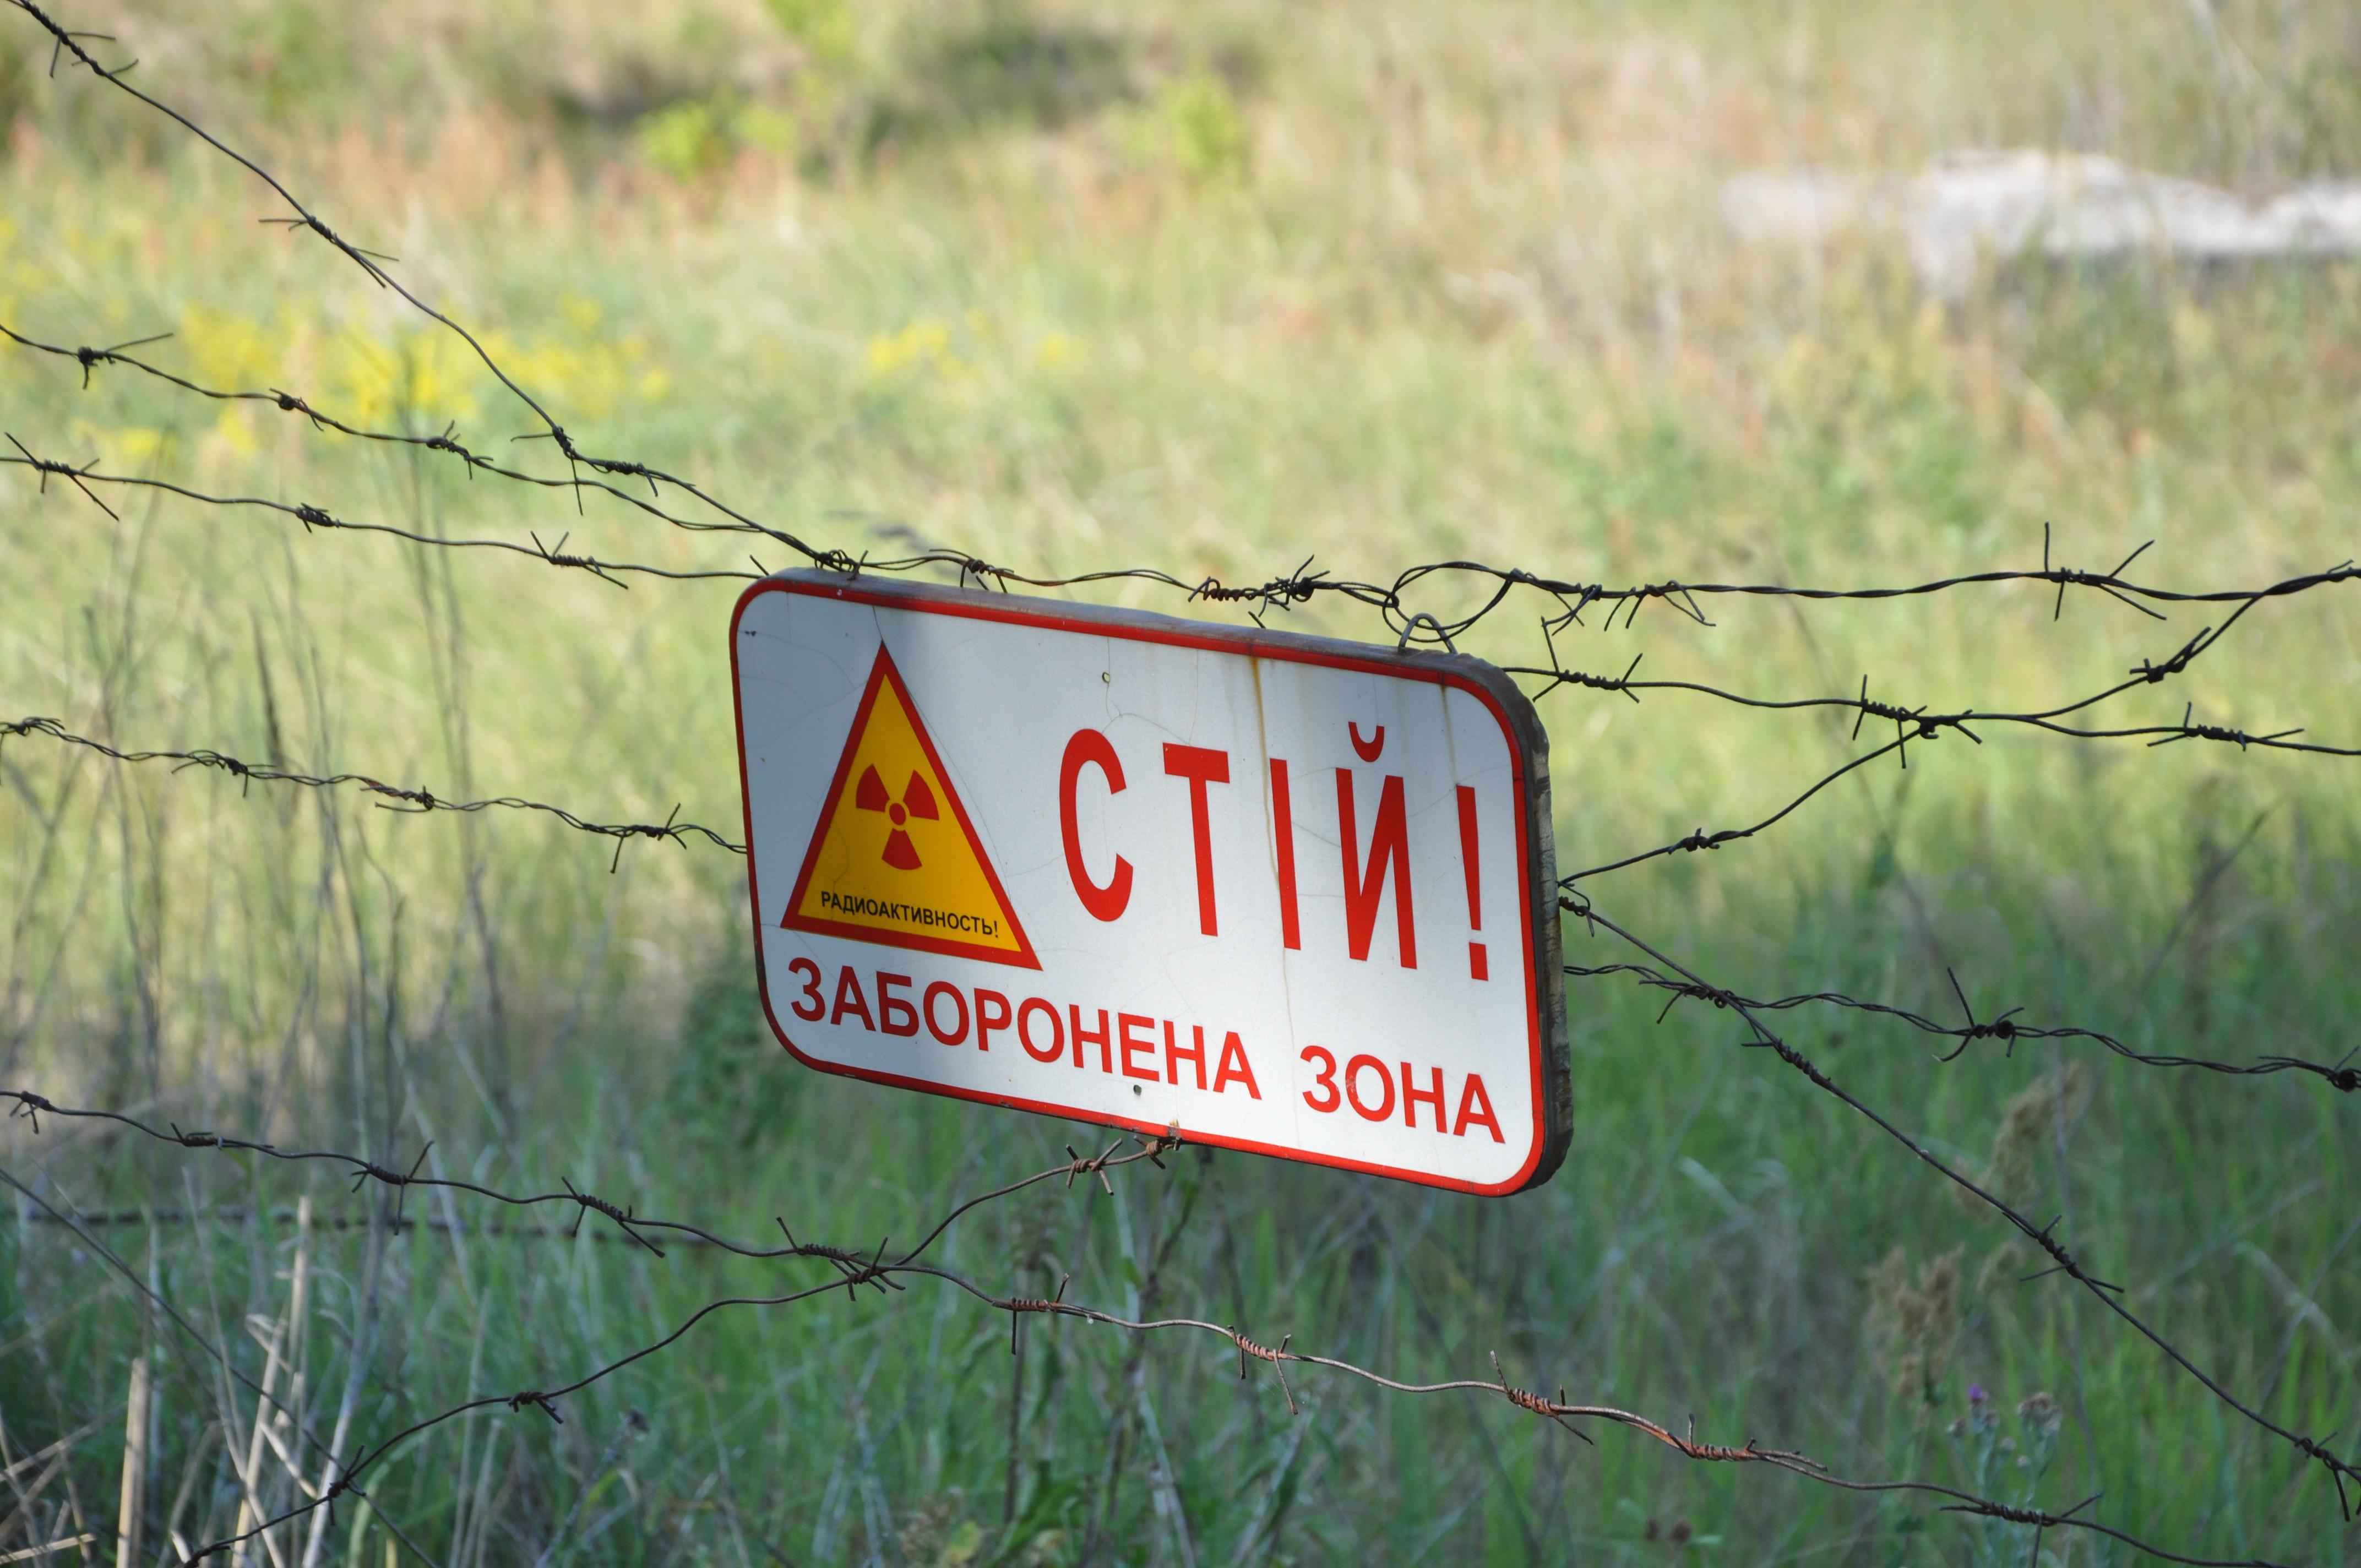 Чернобыль Заборонена Зона.JPG